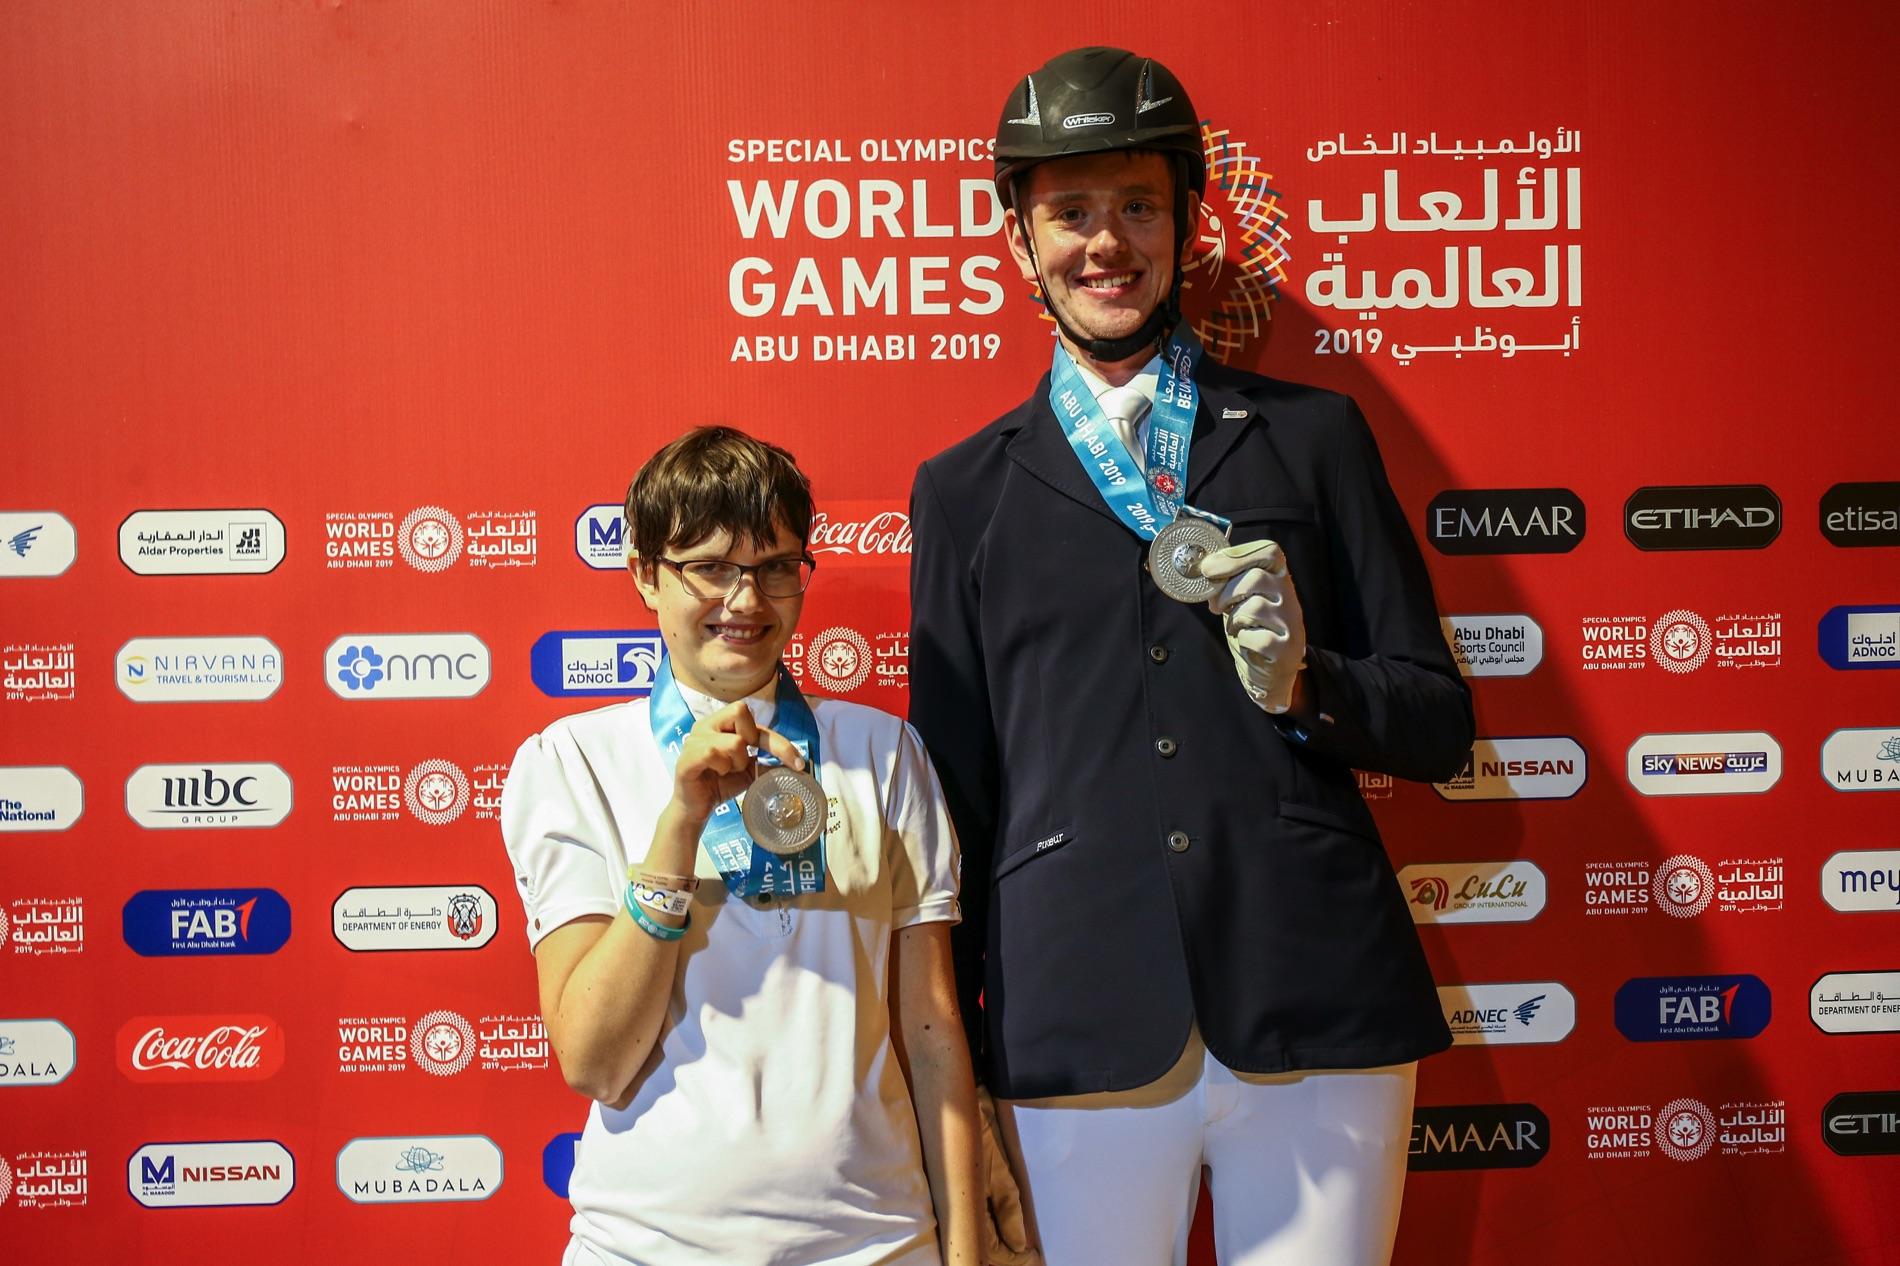 Ryttarna Rebecka Mårtensson och Jimmy Andersson visar upp sina medaljer från Special Olympics World Games i Abu Dhabi 2019.